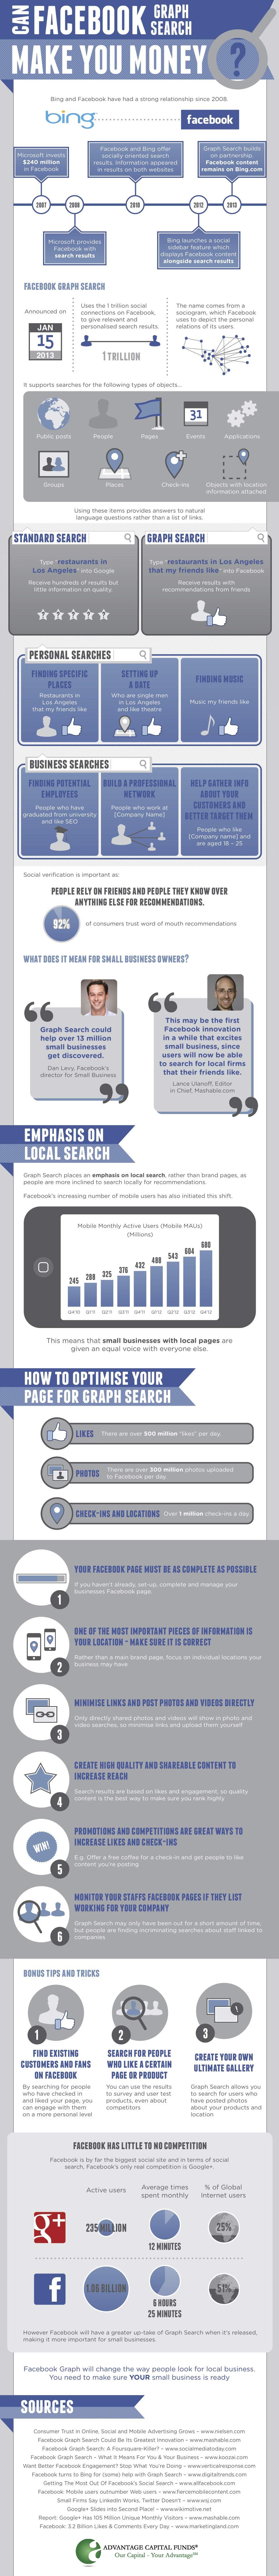 facebookgraph-dinero-infografia